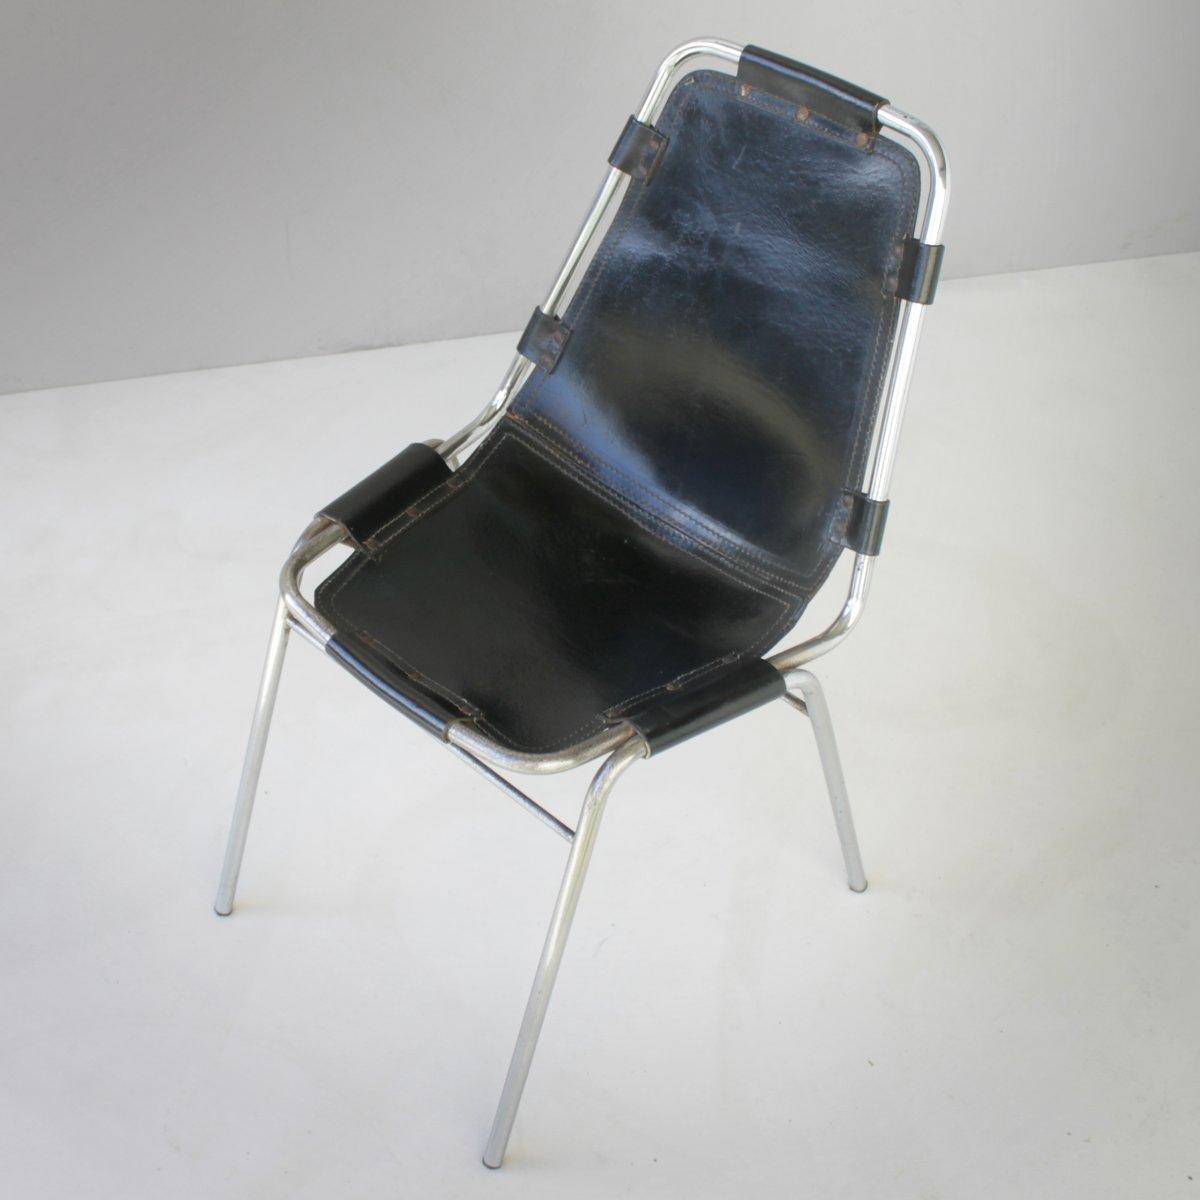 chaises les arcs vintage par charlotte perriand set de 2 en vente sur pamono. Black Bedroom Furniture Sets. Home Design Ideas